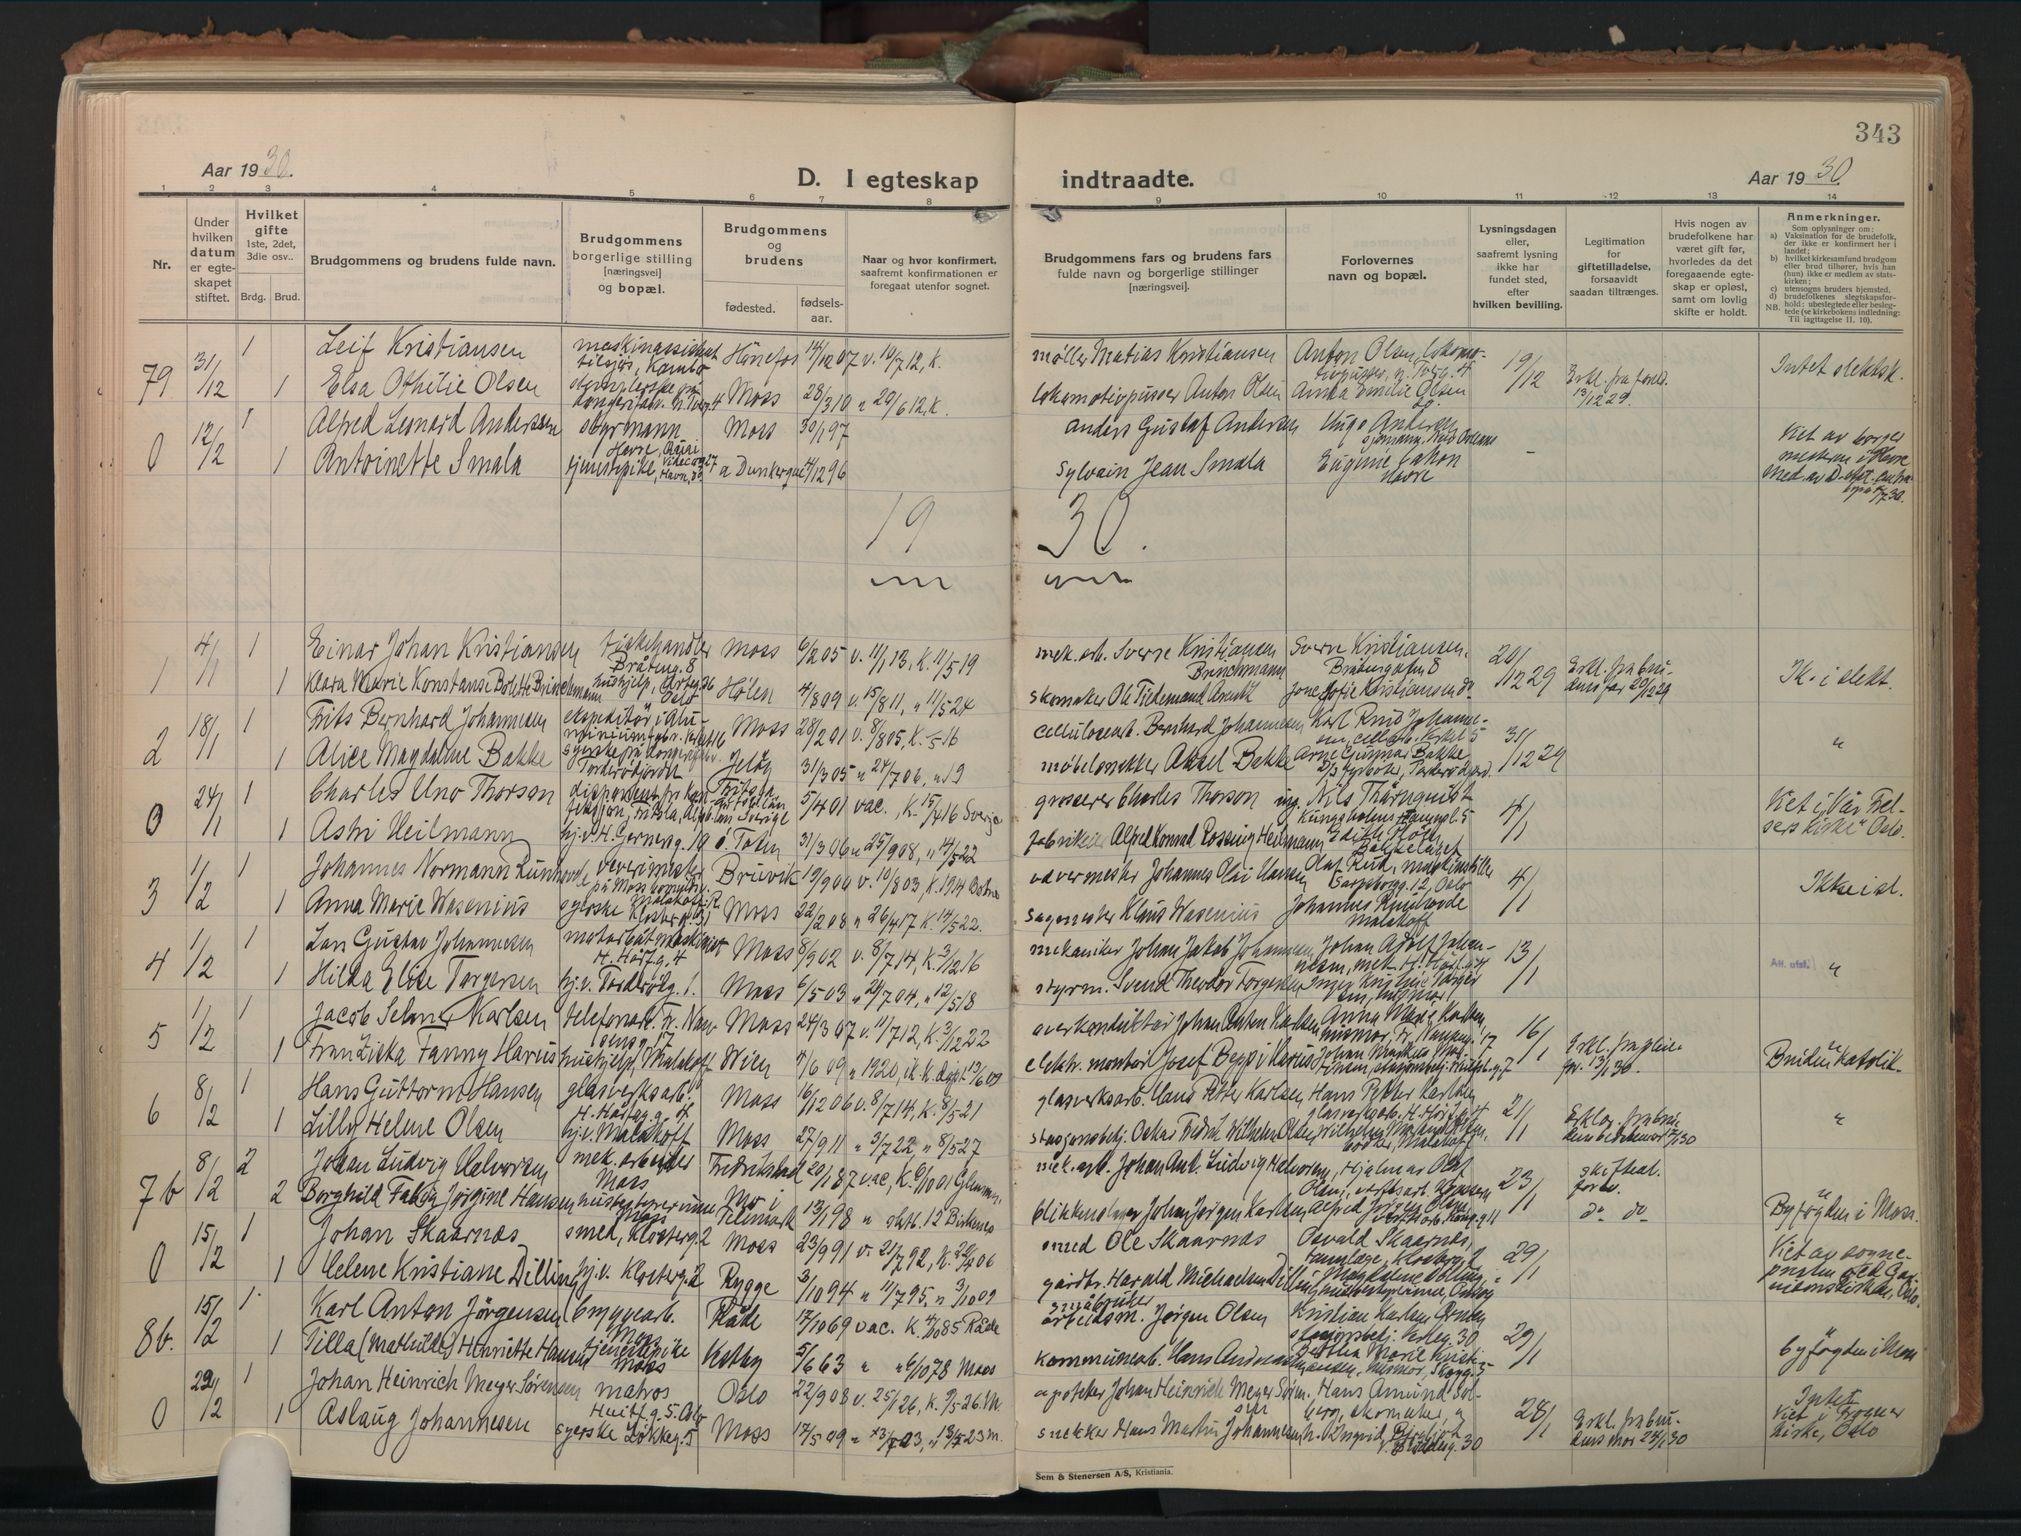 SAO, Moss prestekontor Kirkebøker, F/Fb/Fab/L0006: Ministerialbok nr. II 6, 1924-1932, s. 343